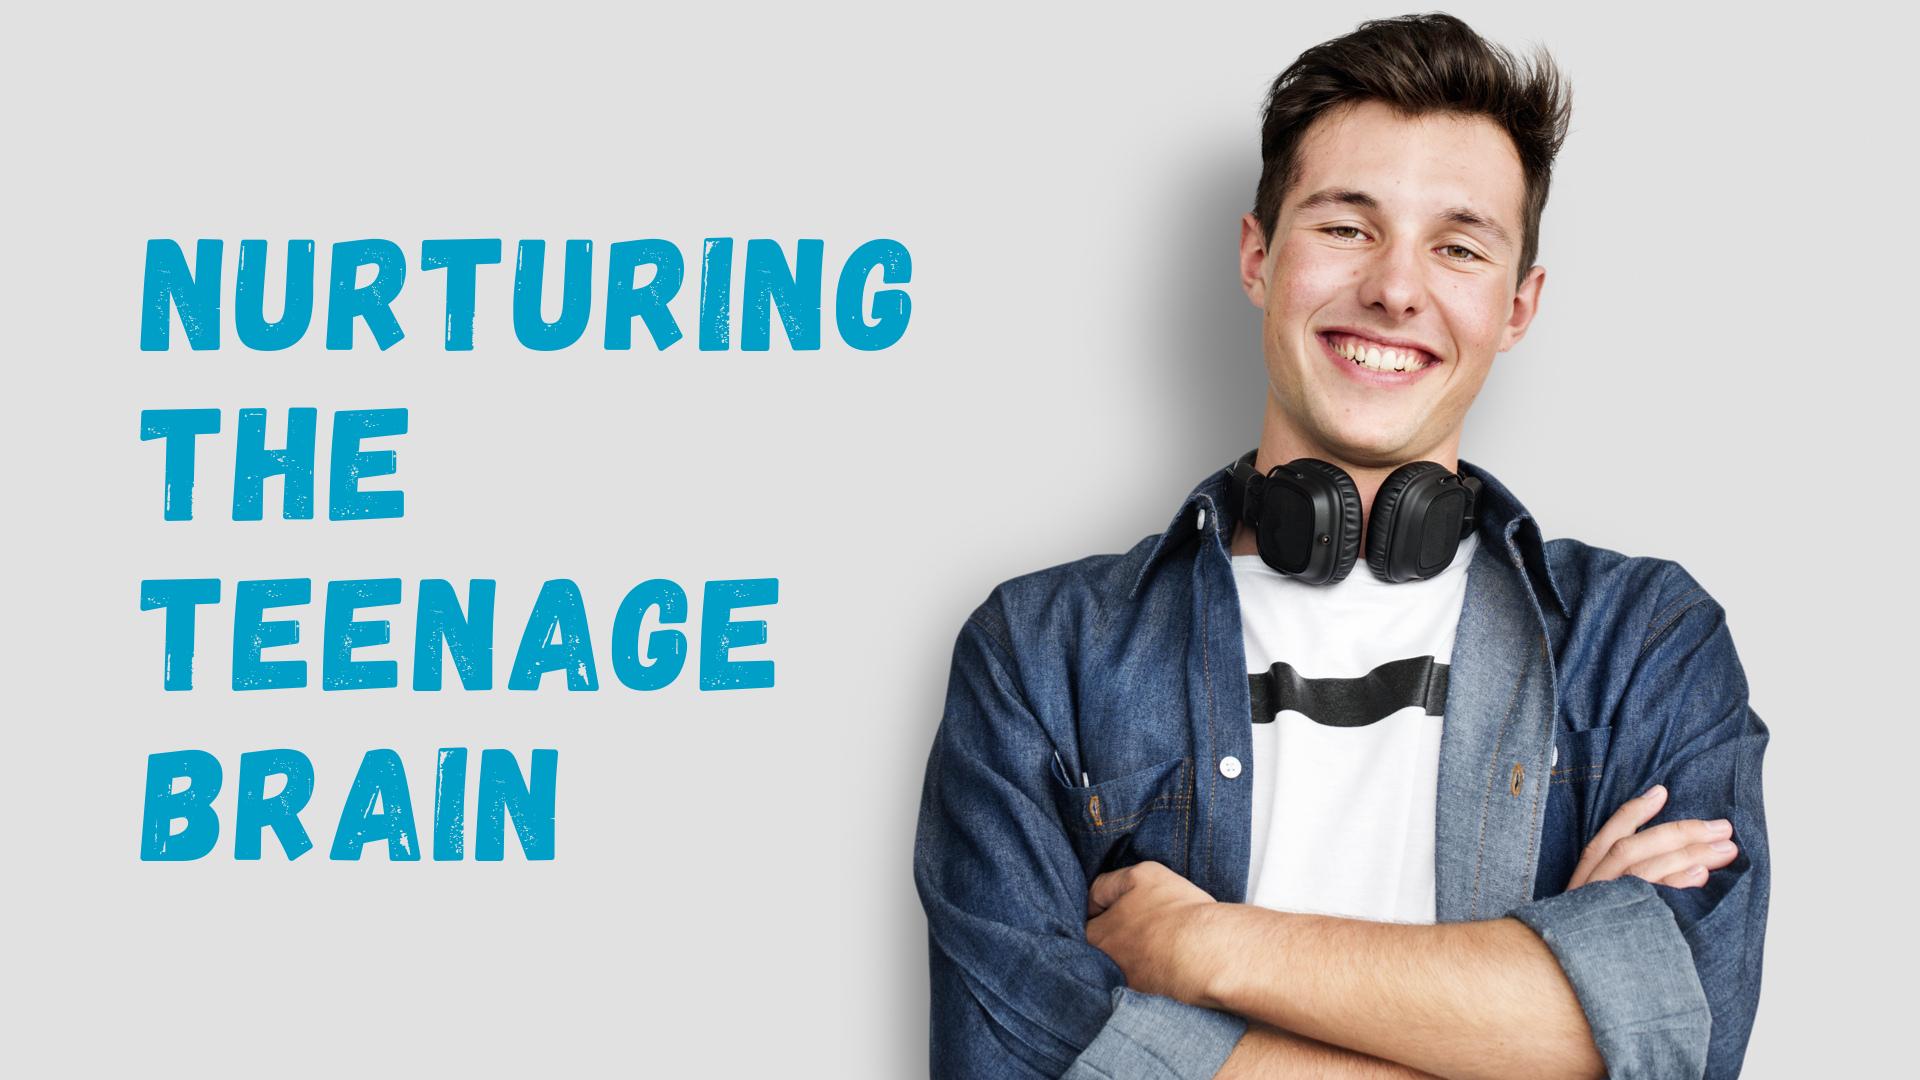 Nurturing The Teenage Brain Online Course